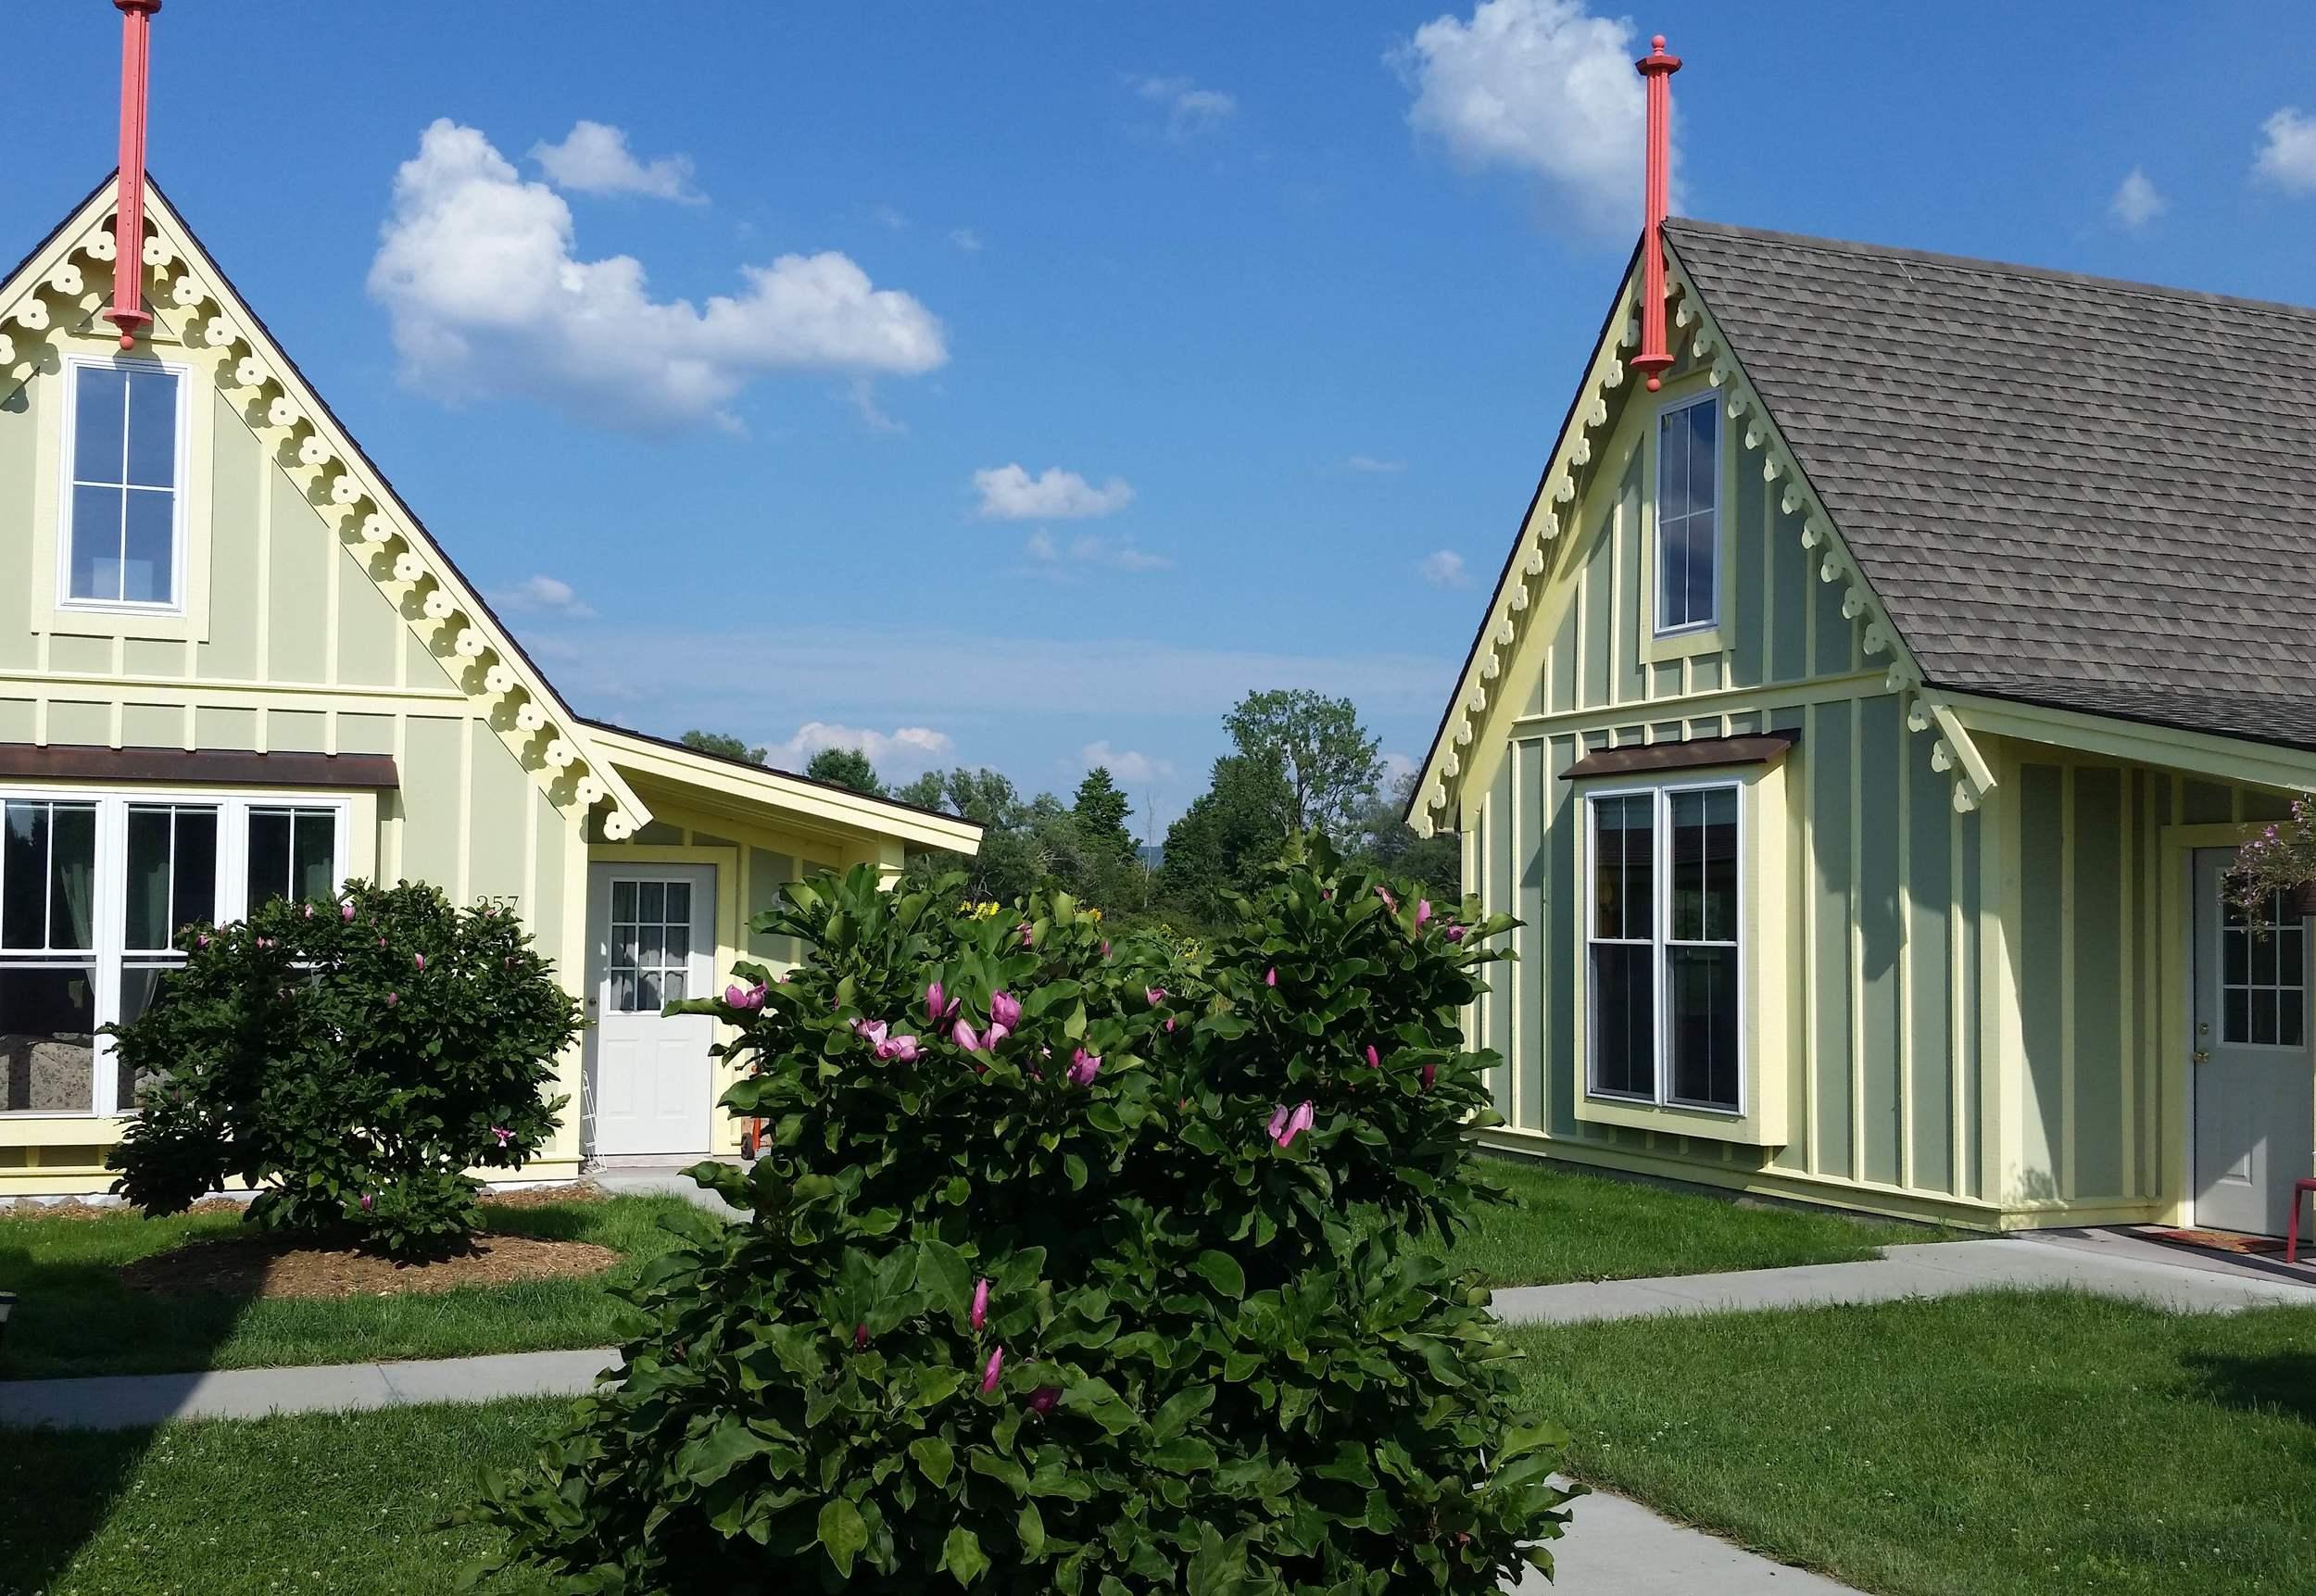 boiceville-cottages-green-cottages.JPG